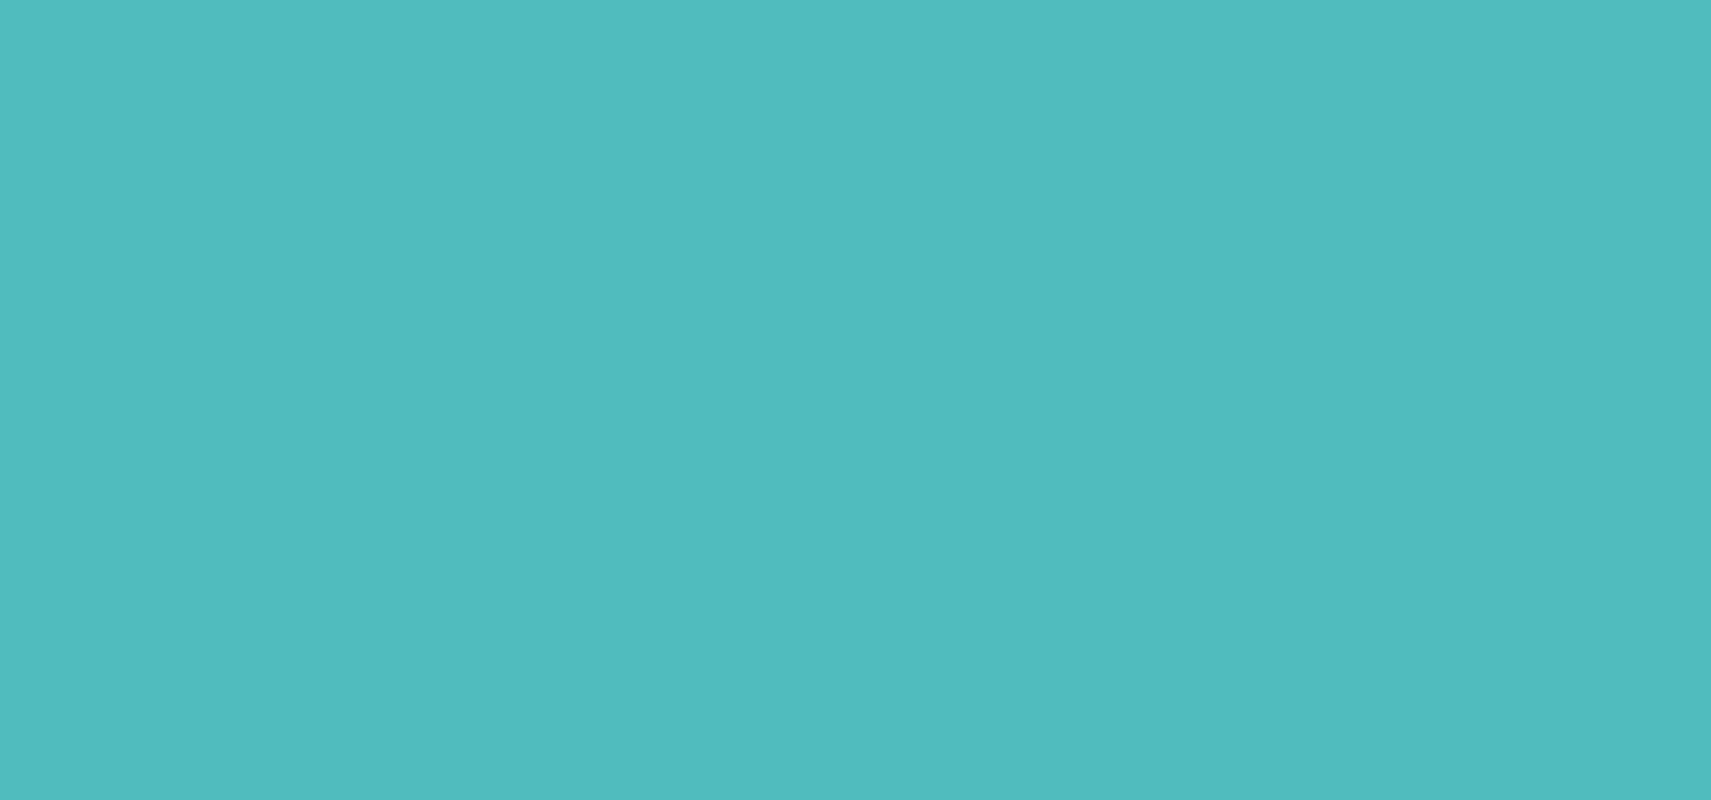 Aduis Acryliic Acrylfarbe - 500 ml, türkis